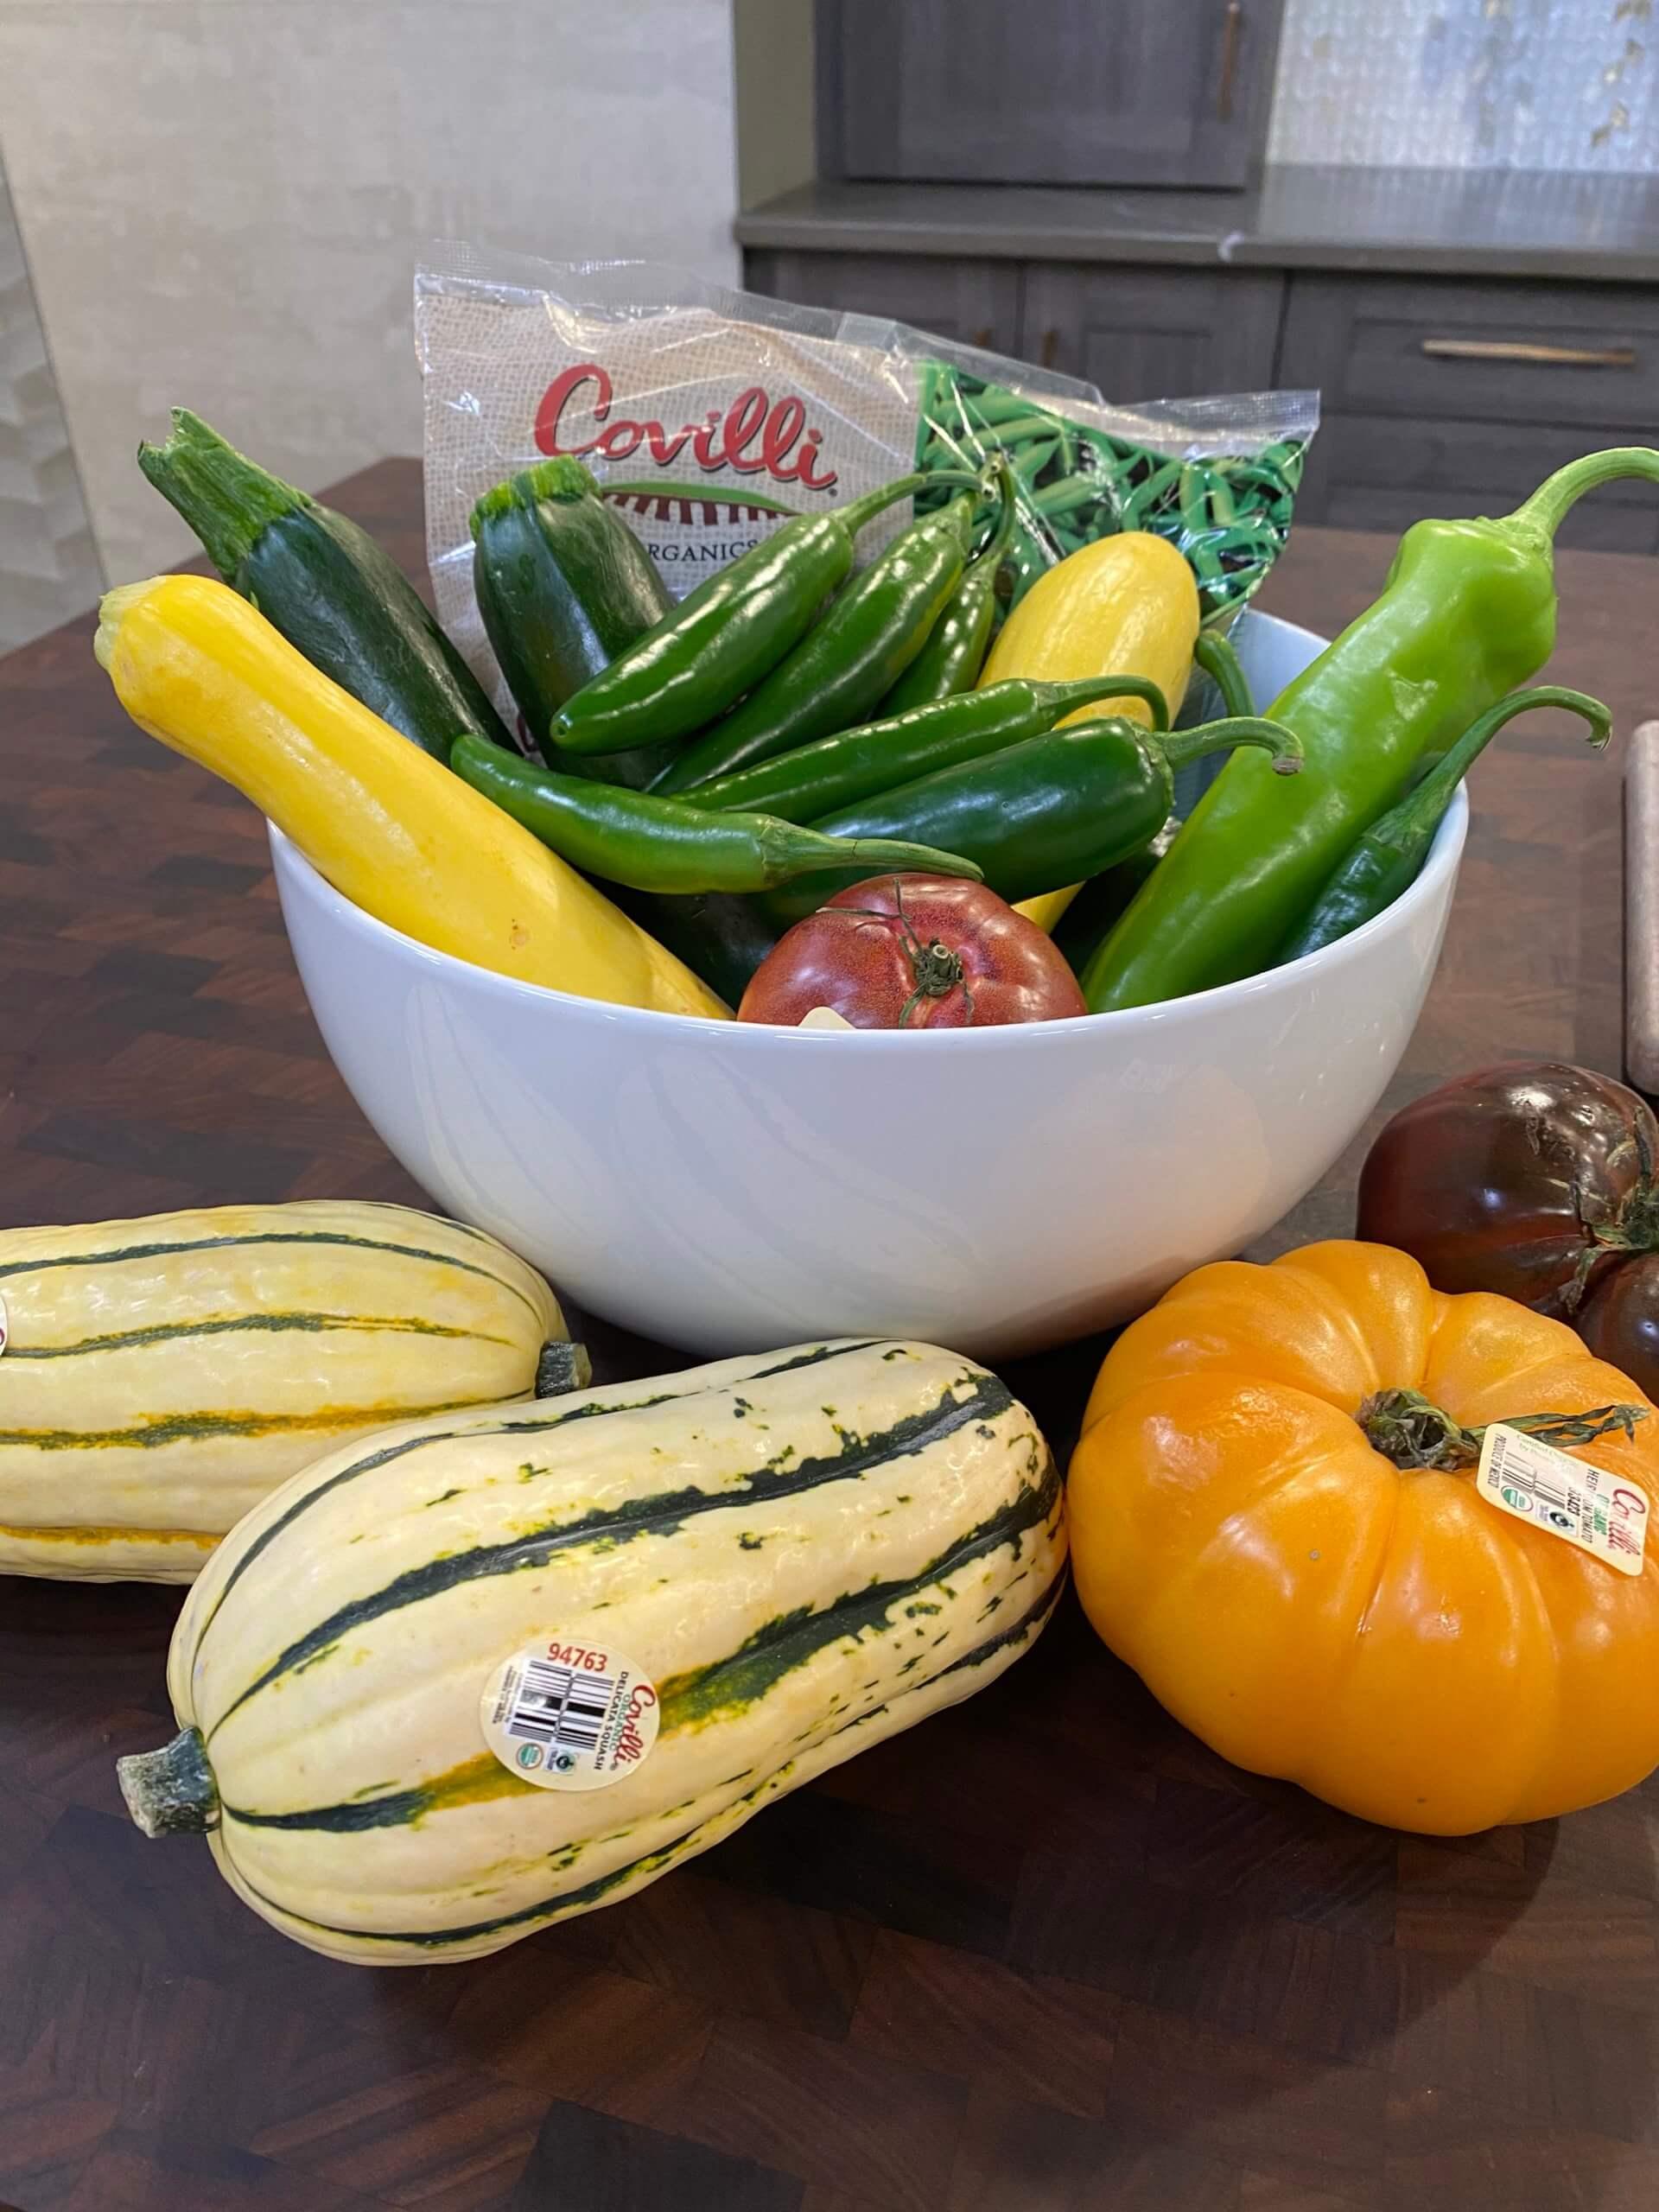 Covilli Produce with Delicata Squash